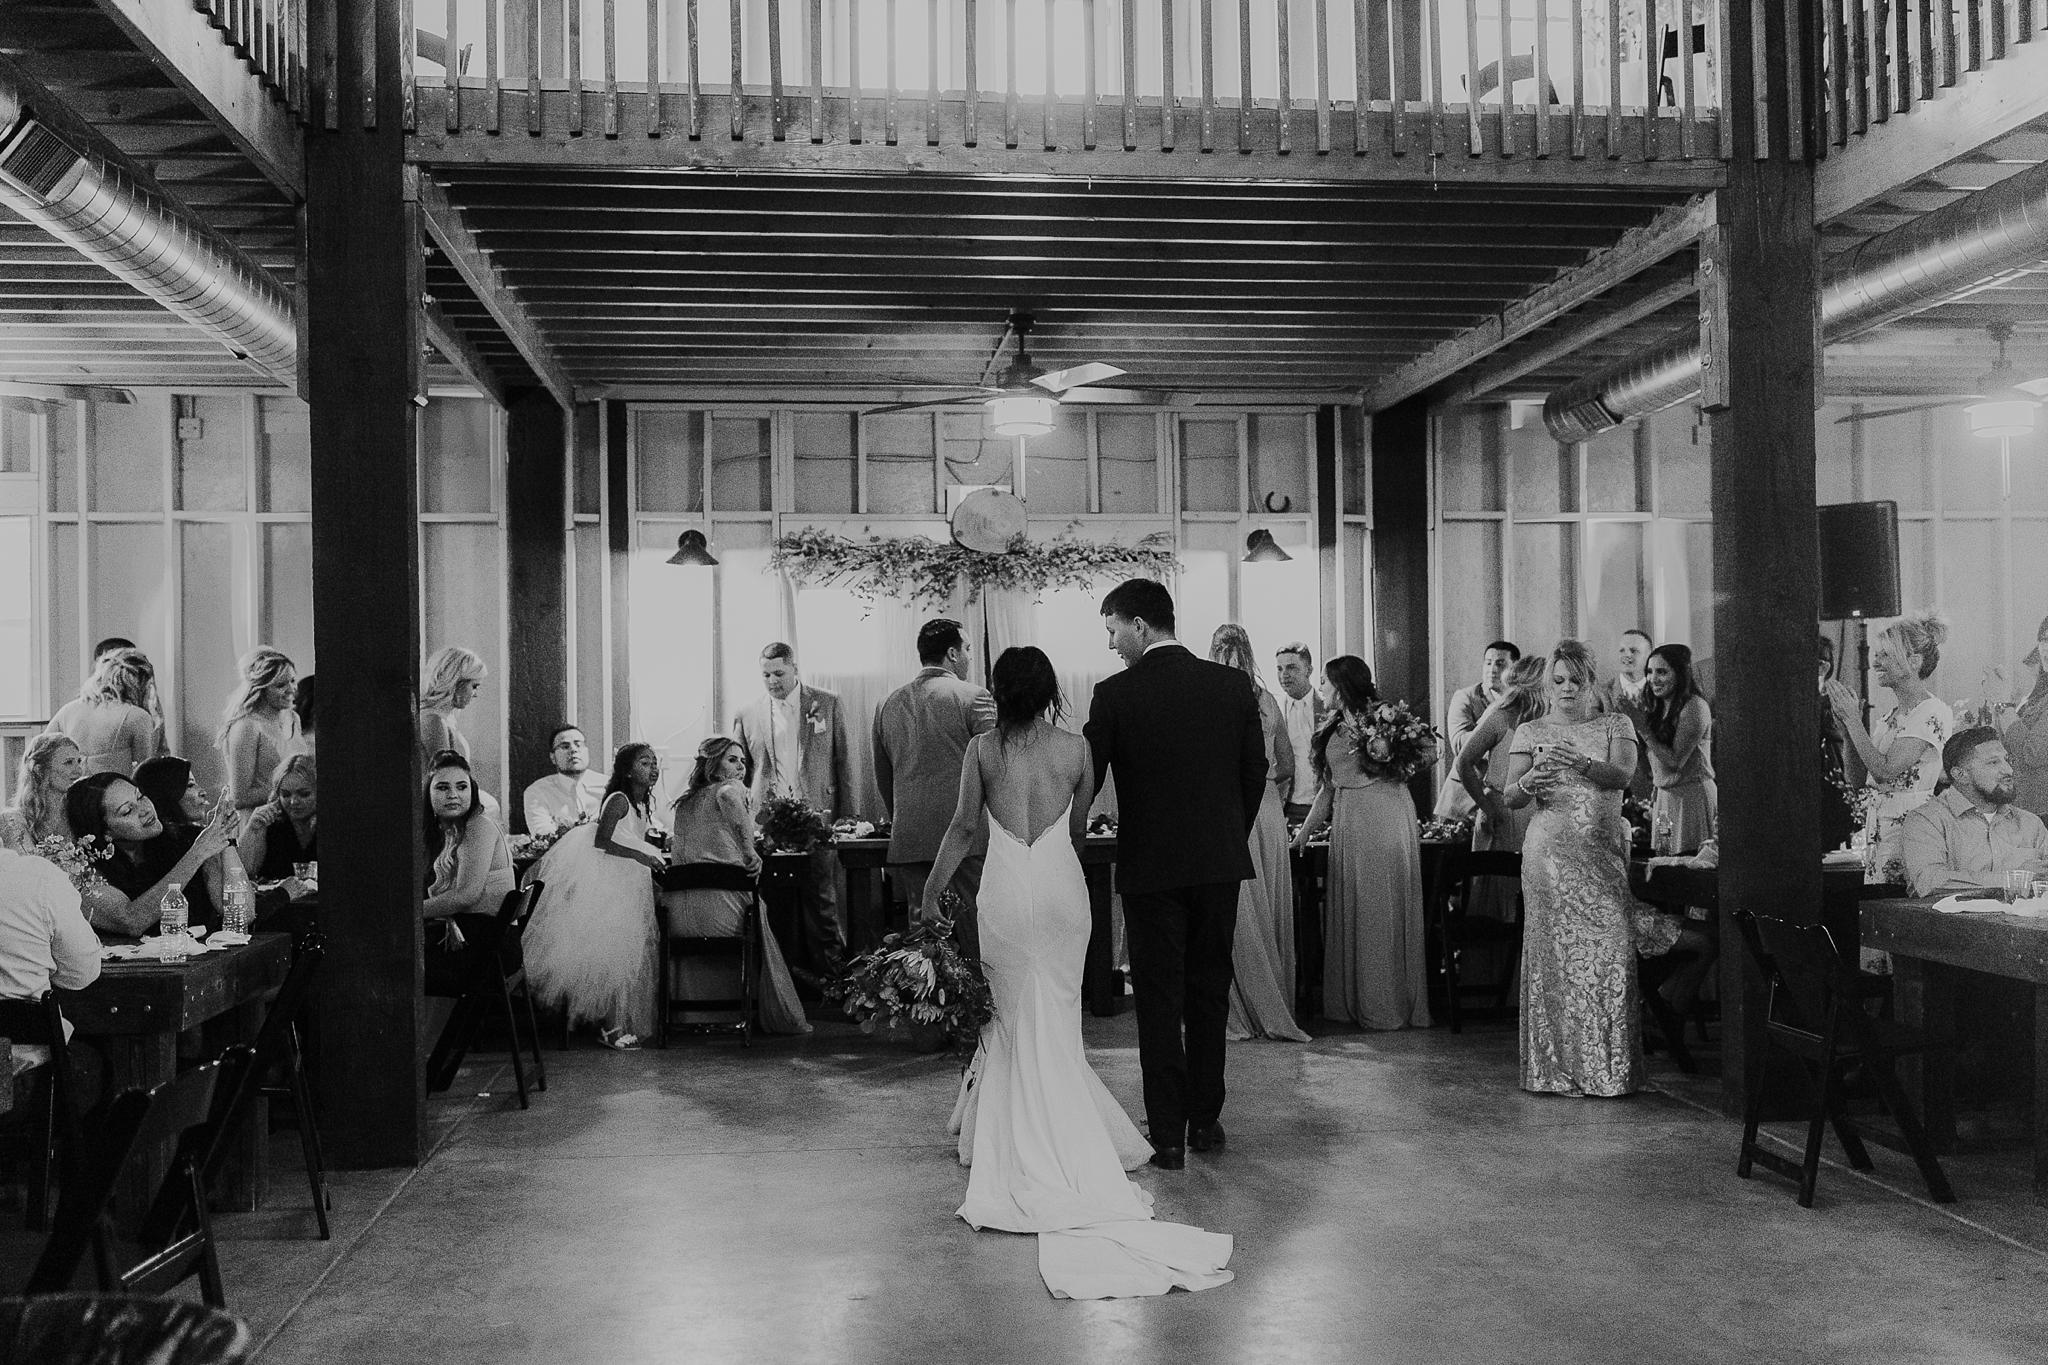 Alicia+lucia+photography+-+albuquerque+wedding+photographer+-+santa+fe+wedding+photography+-+new+mexico+wedding+photographer+-+new+mexico+wedding+-+new+mexico+wedding+-+barn+wedding+-+enchanted+vine+barn+wedding+-+ruidoso+wedding_0149.jpg